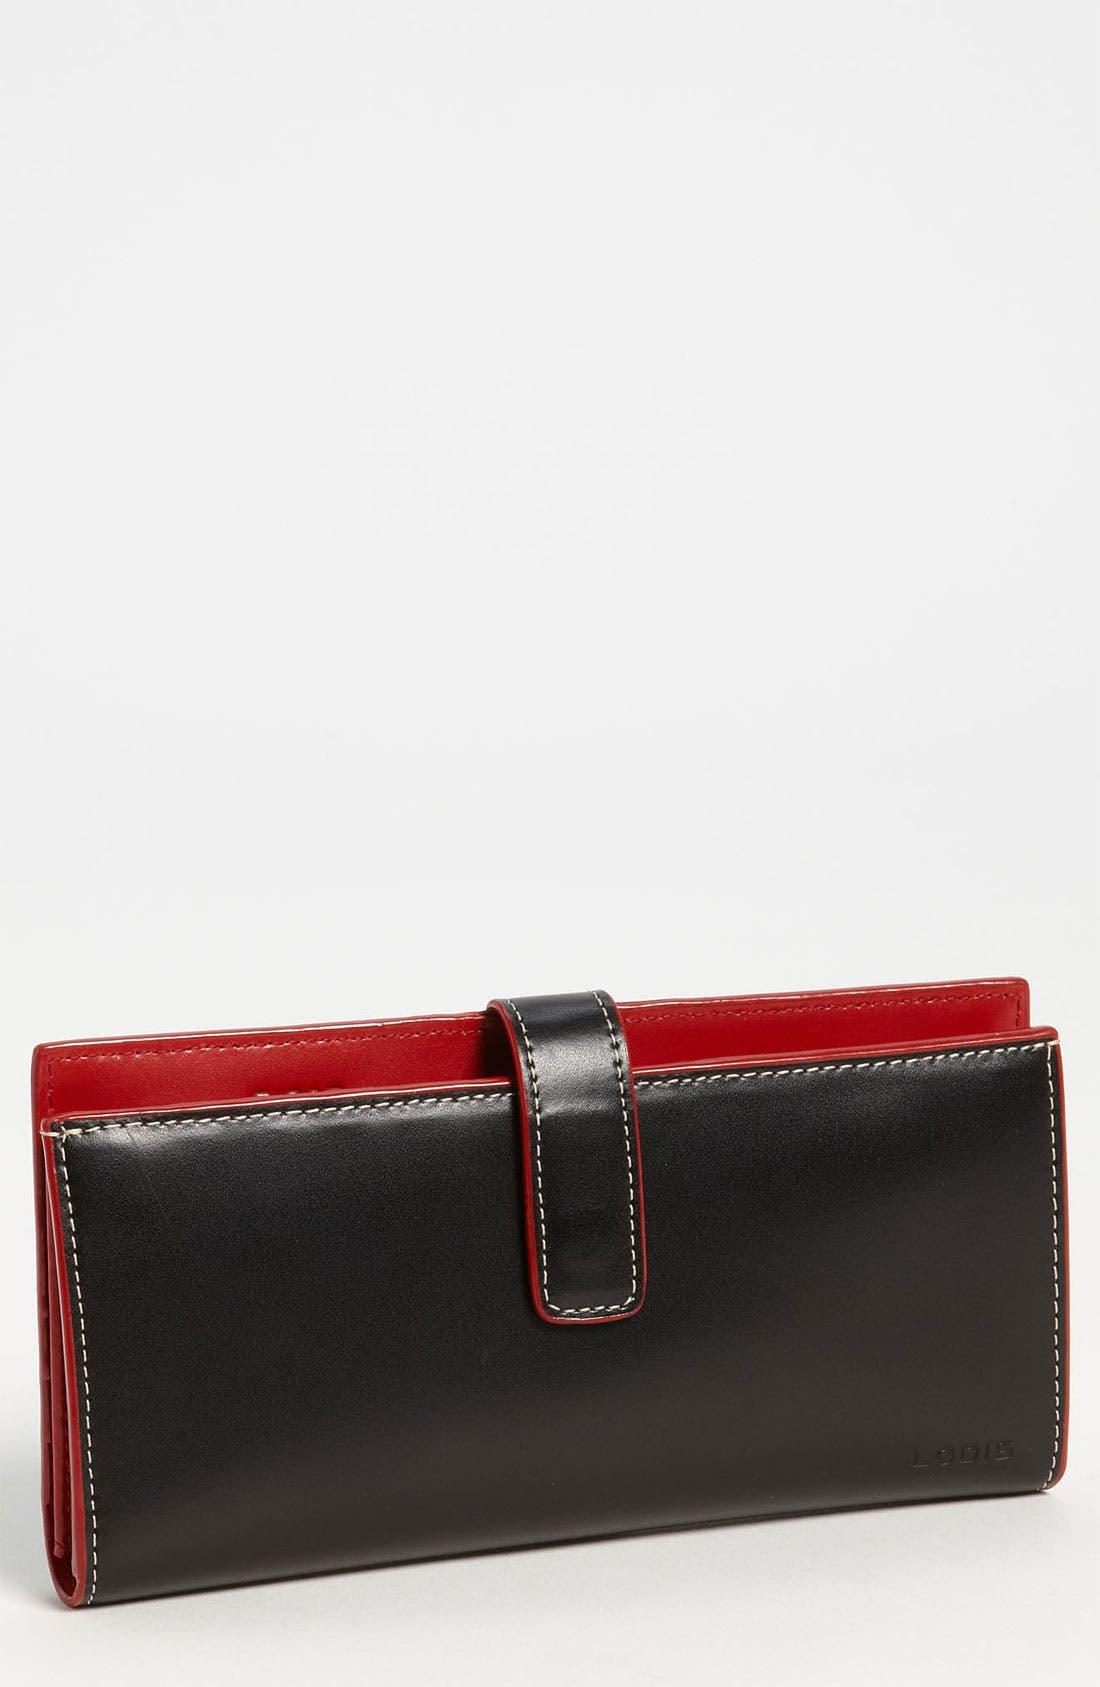 Main Image - Lodis 'Audrey' Clutch Wallet